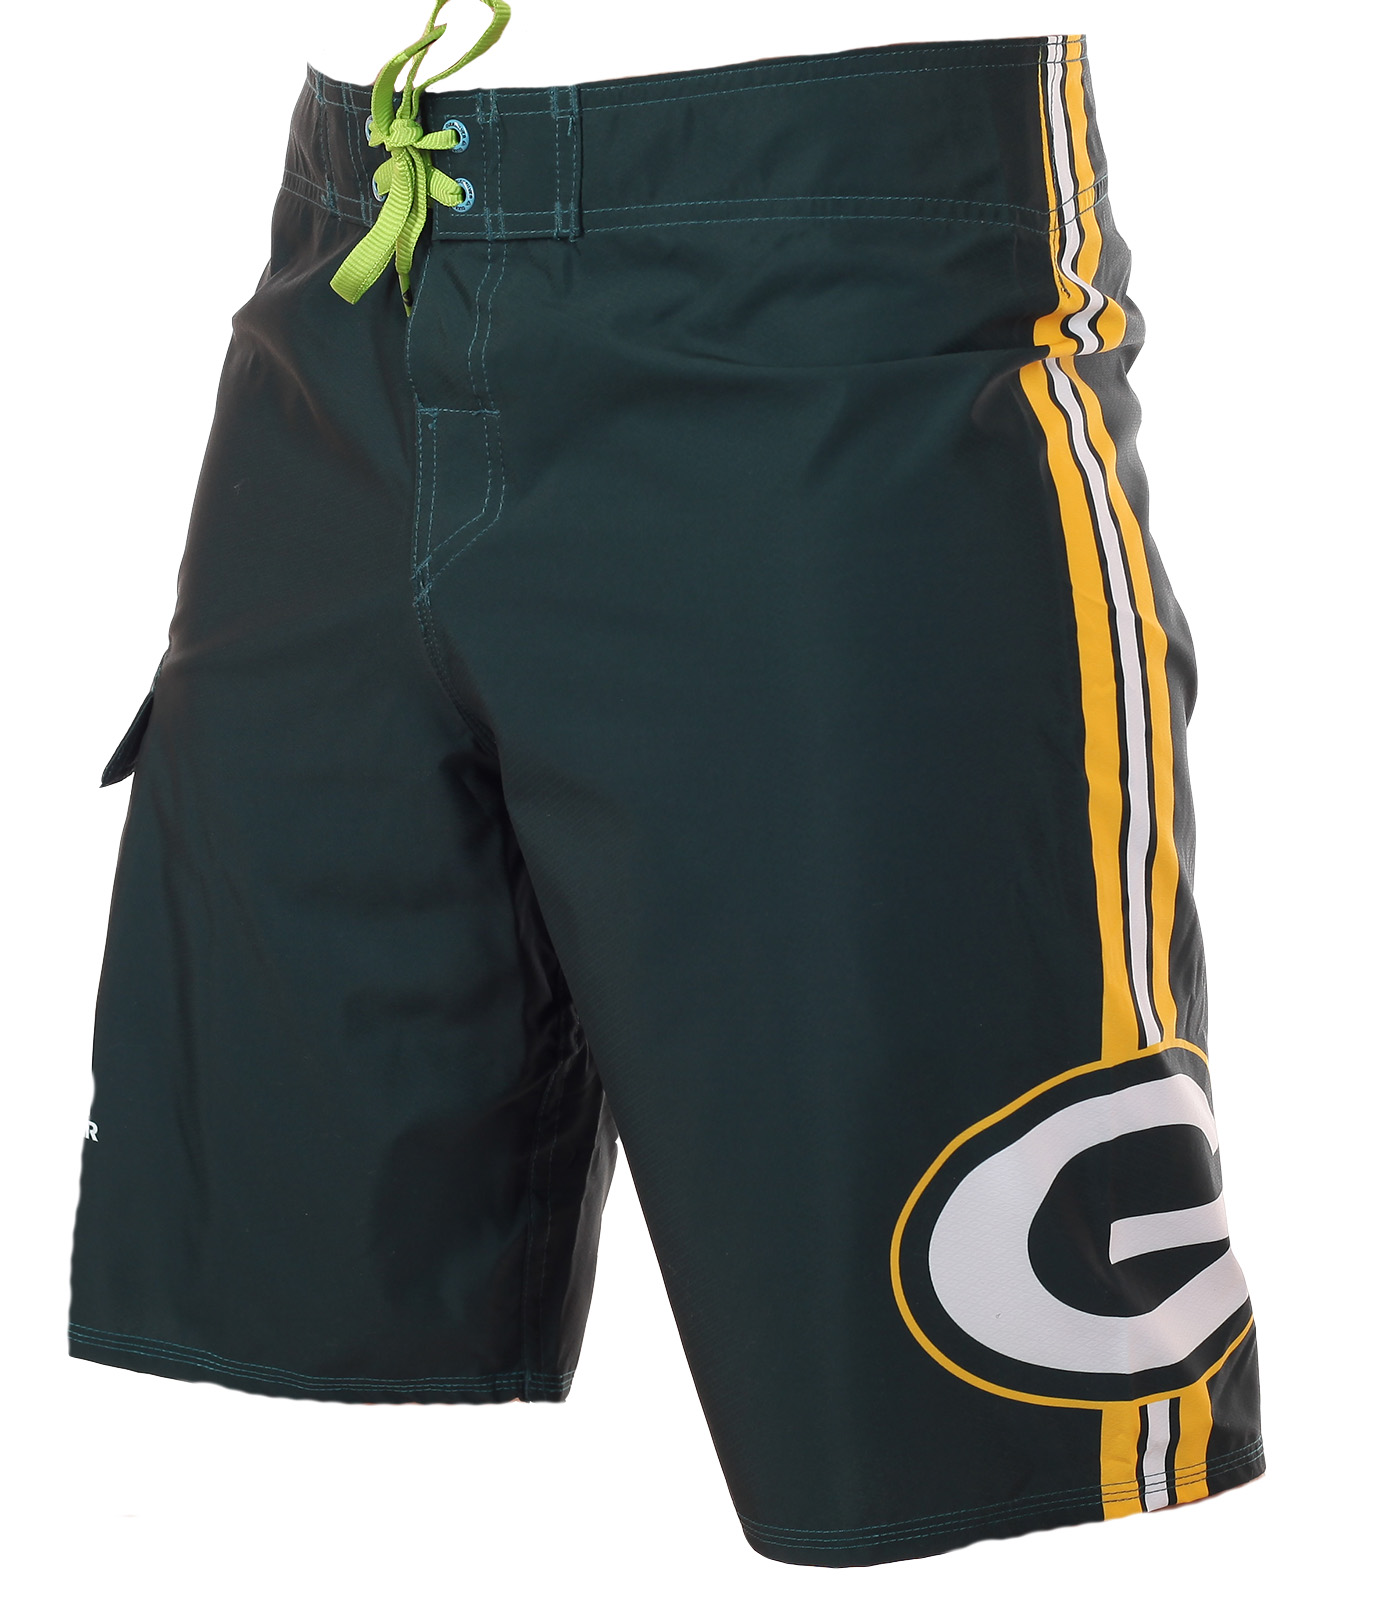 Гидрофобные бордшорты с логотипом футбольного клуба НФЛ Green Bay Packers - купить по низкой цене